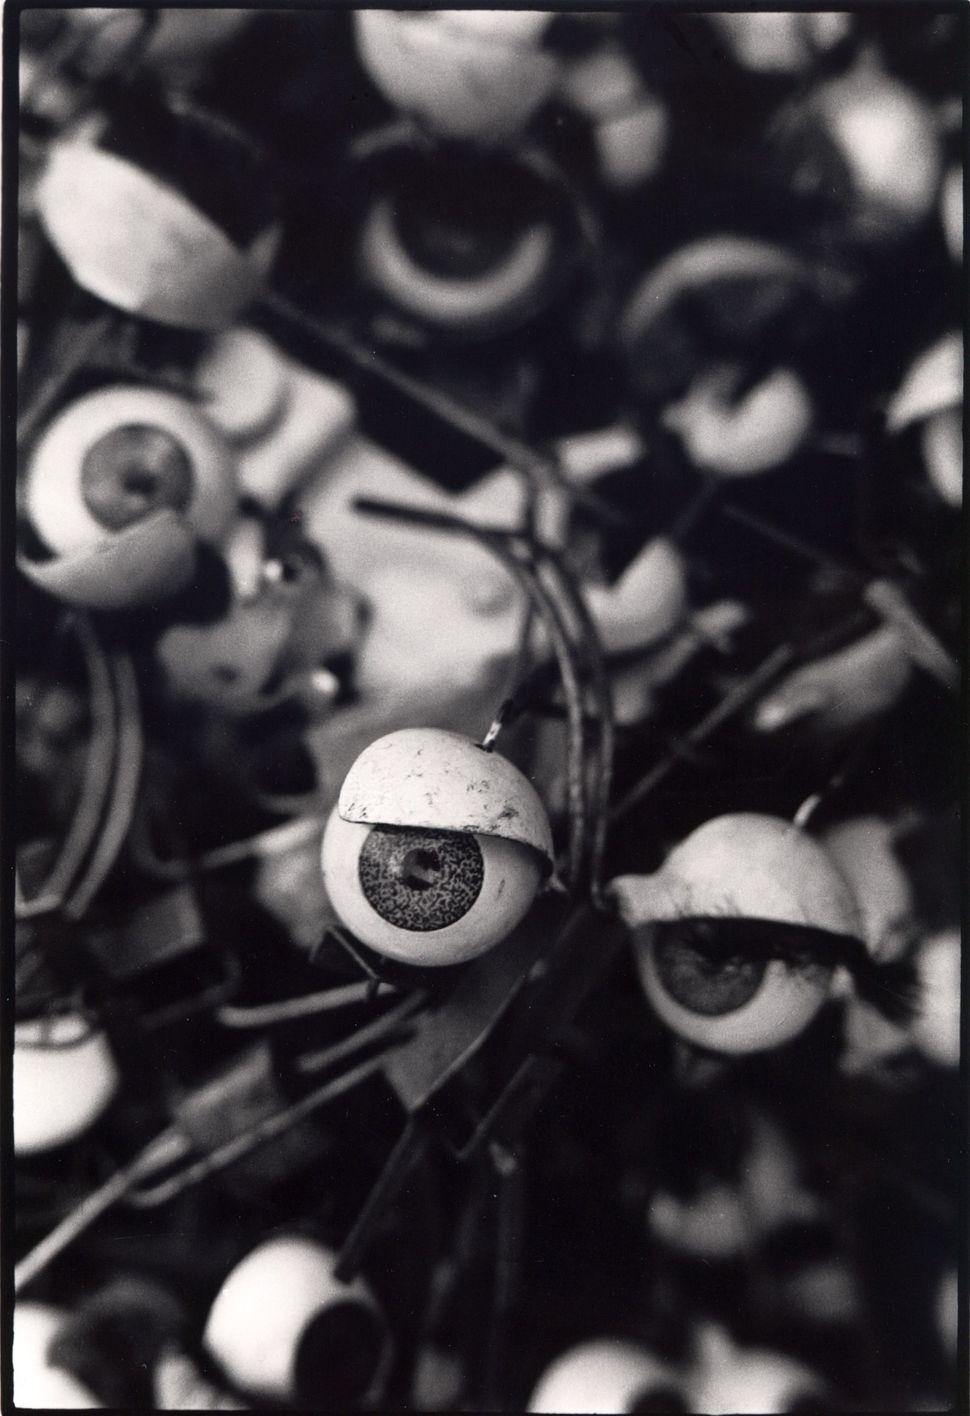 Monique Jacot, Paris 1962 Gelatin silver print, © Monique Jacot / Photo Foundation Switzerland, Winterthur